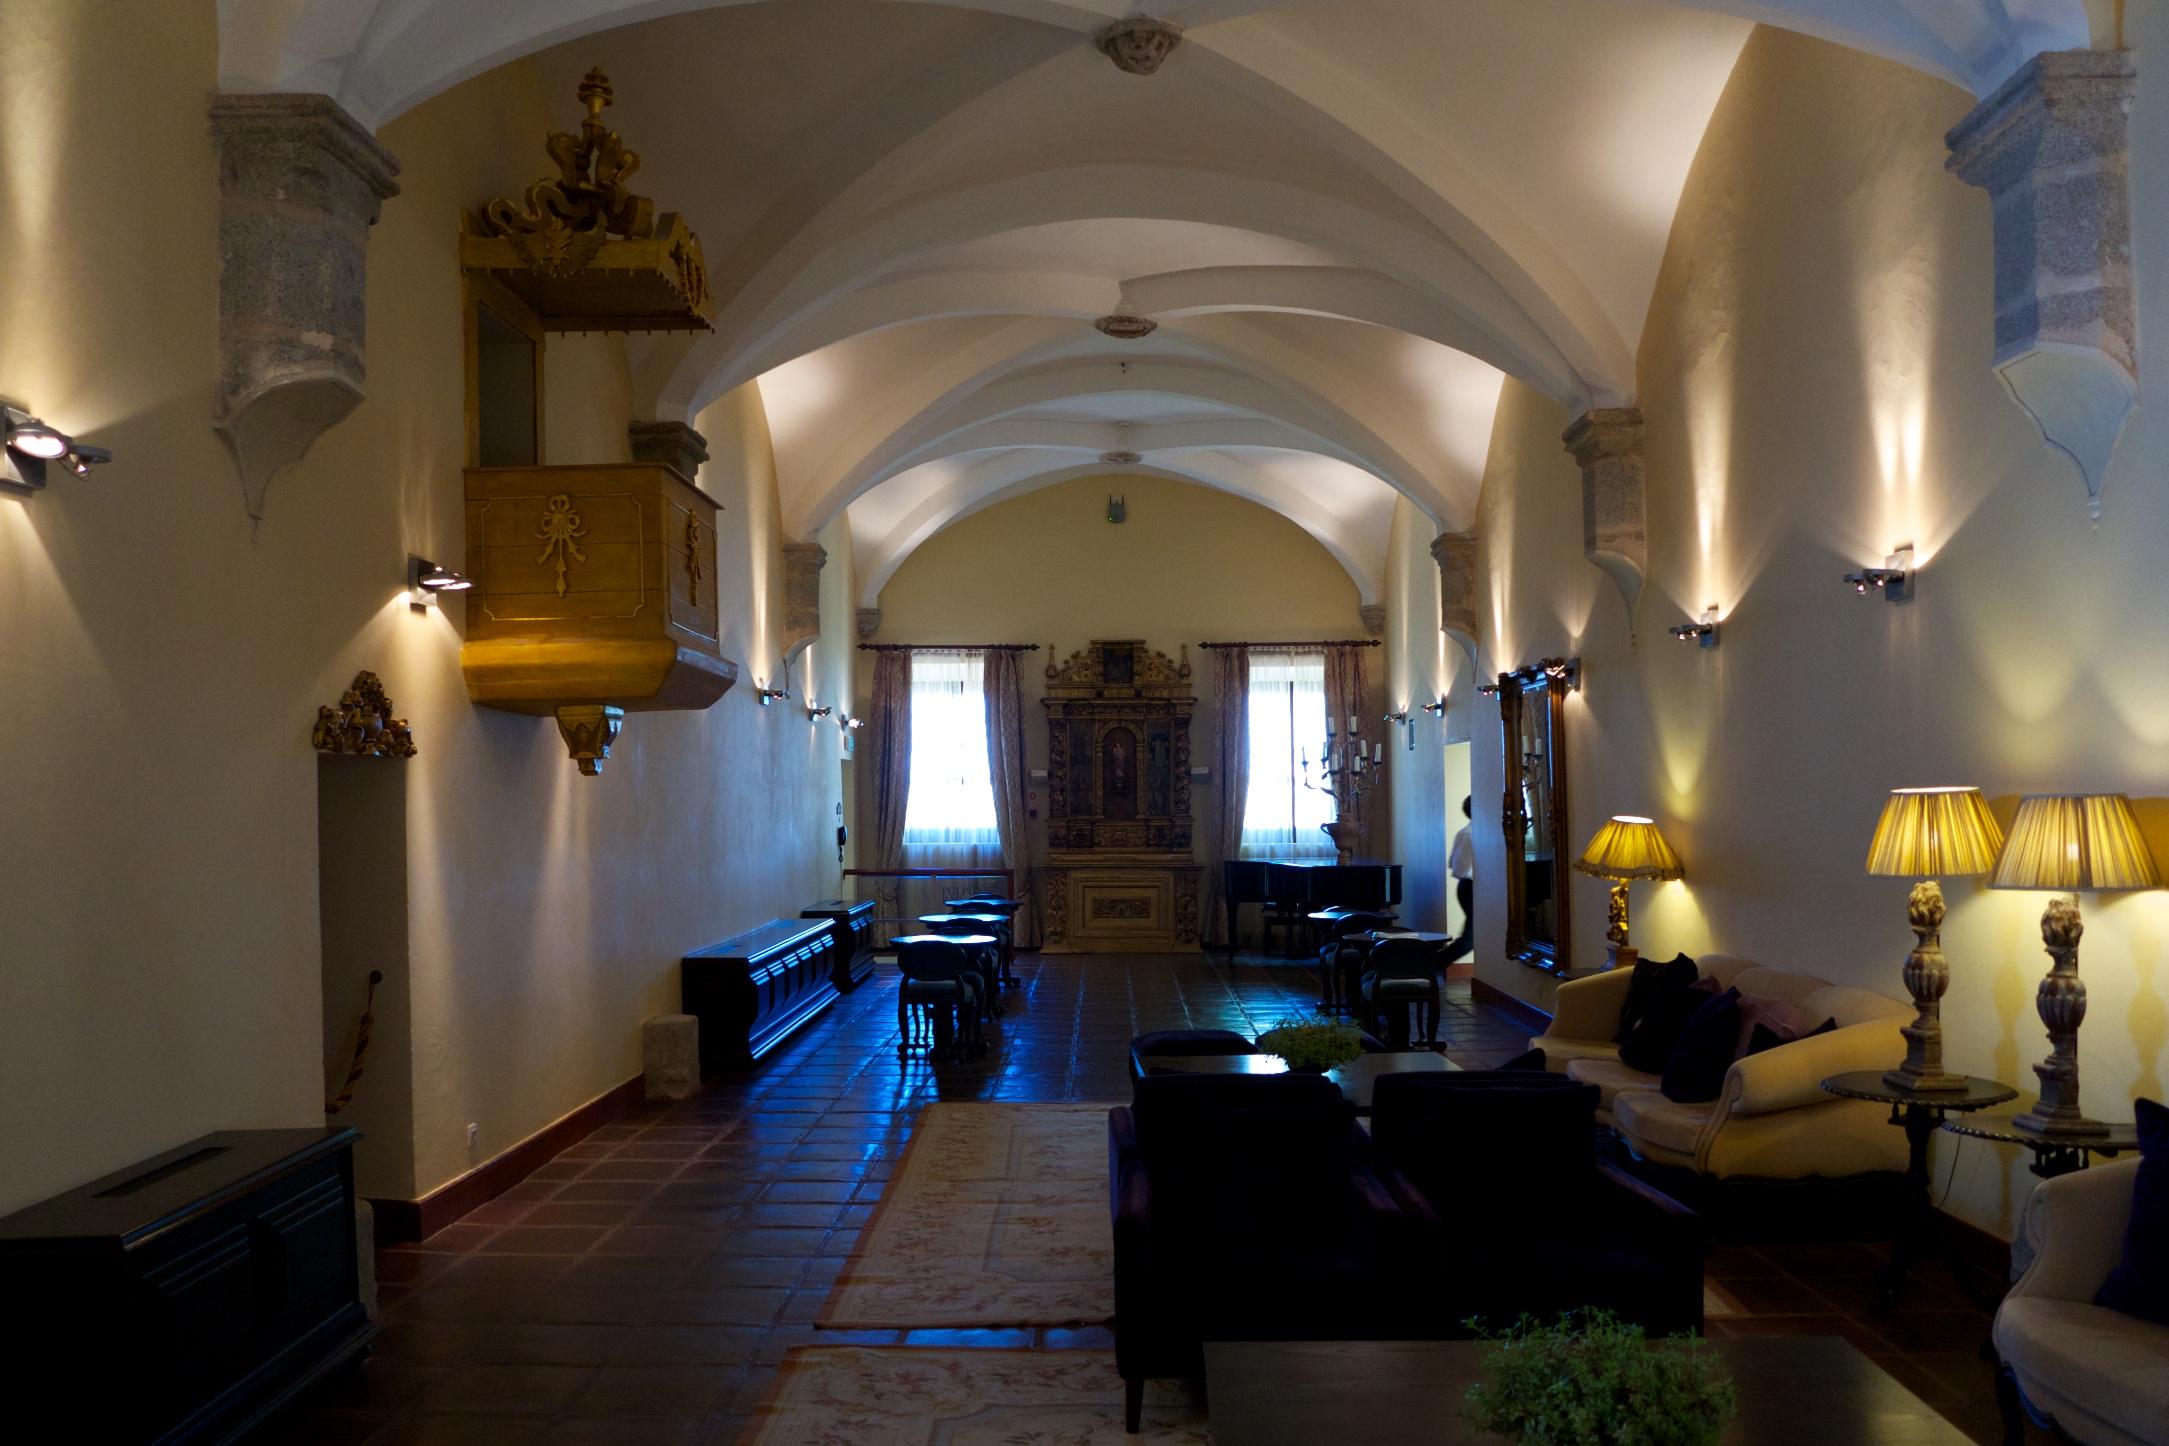 Convento-do-Espinheiro-avril-2012-69.jpg